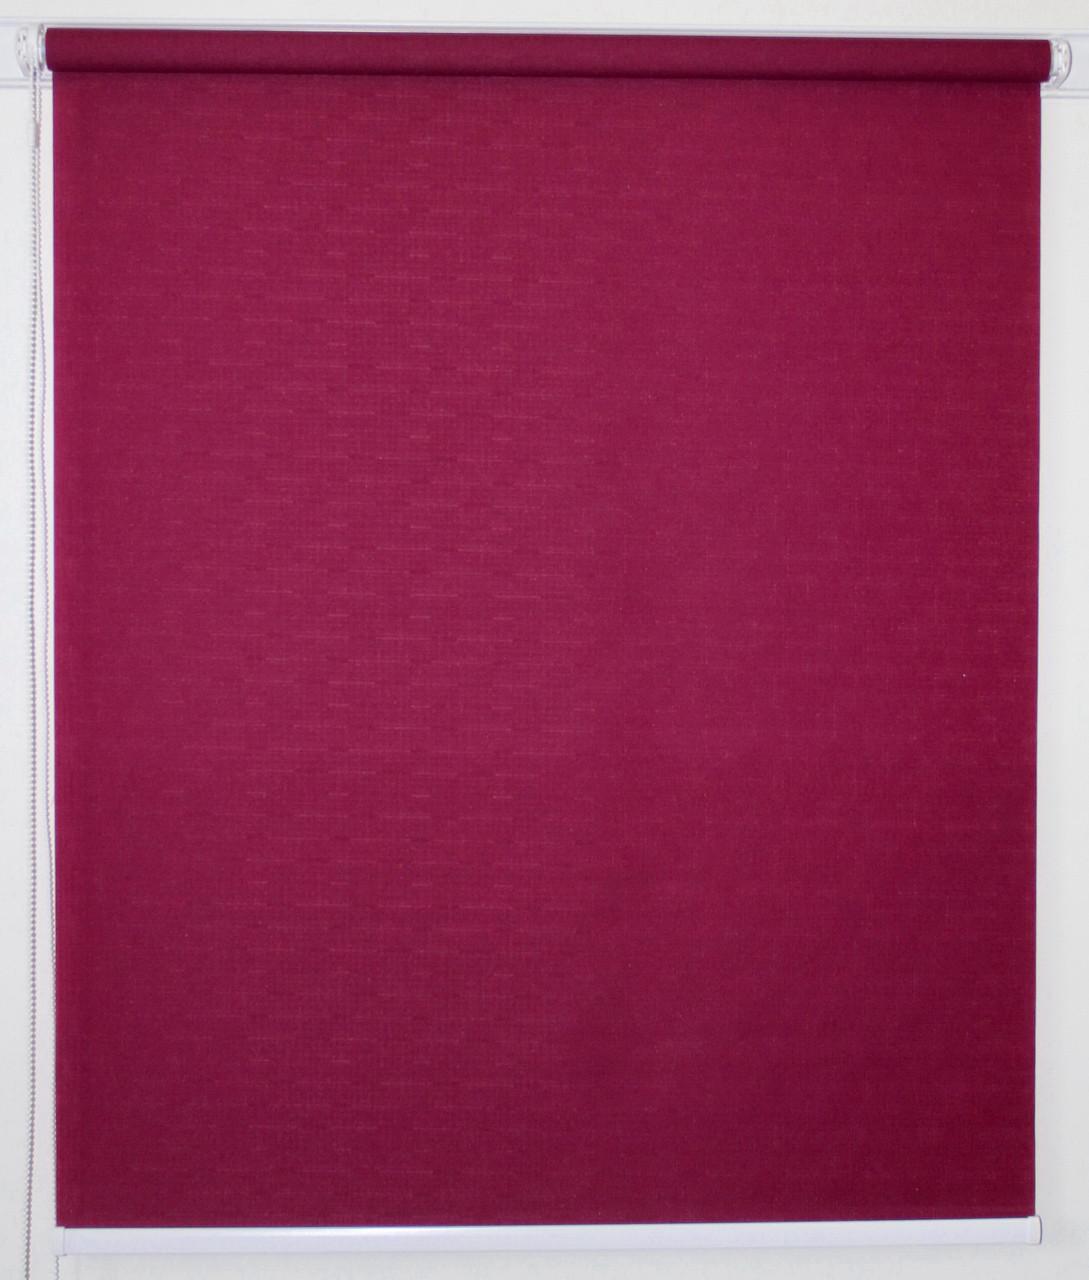 Рулонная штора 1400*1500 Ткань Лён 7435 Фуксия